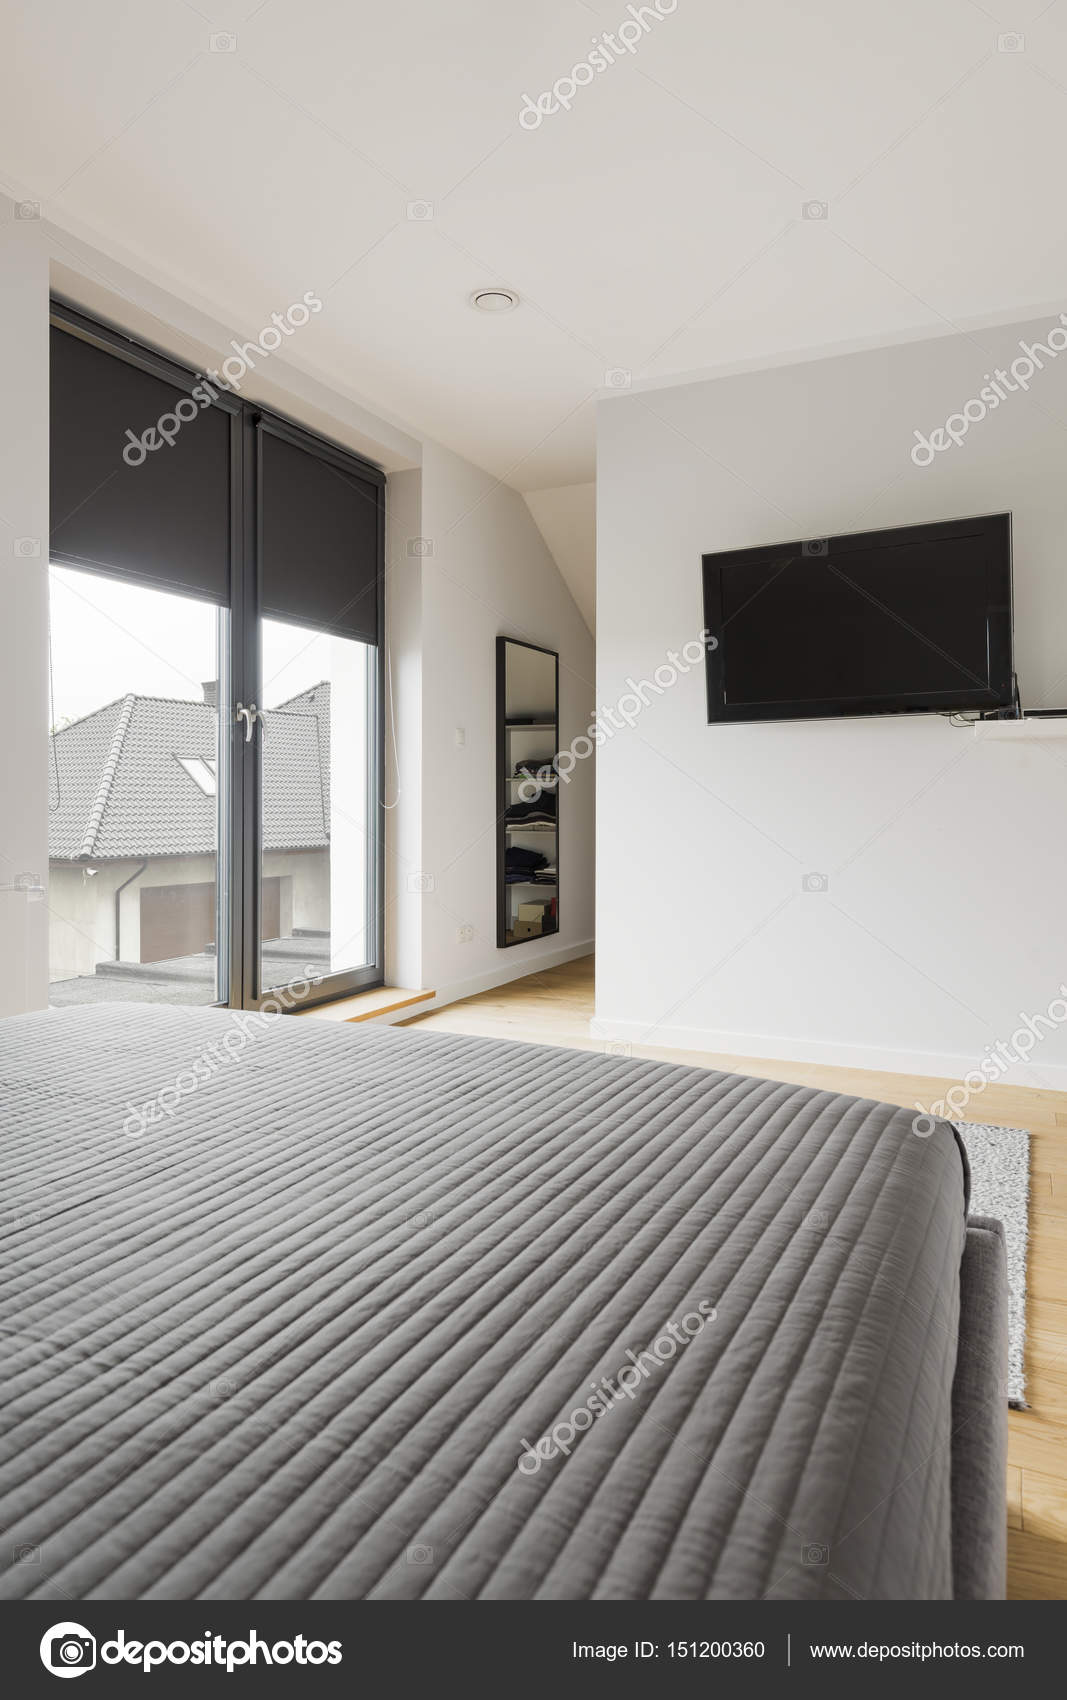 Lovely Moderne Schlafzimmer Mit Bett Und Tv U2014 Stockfoto